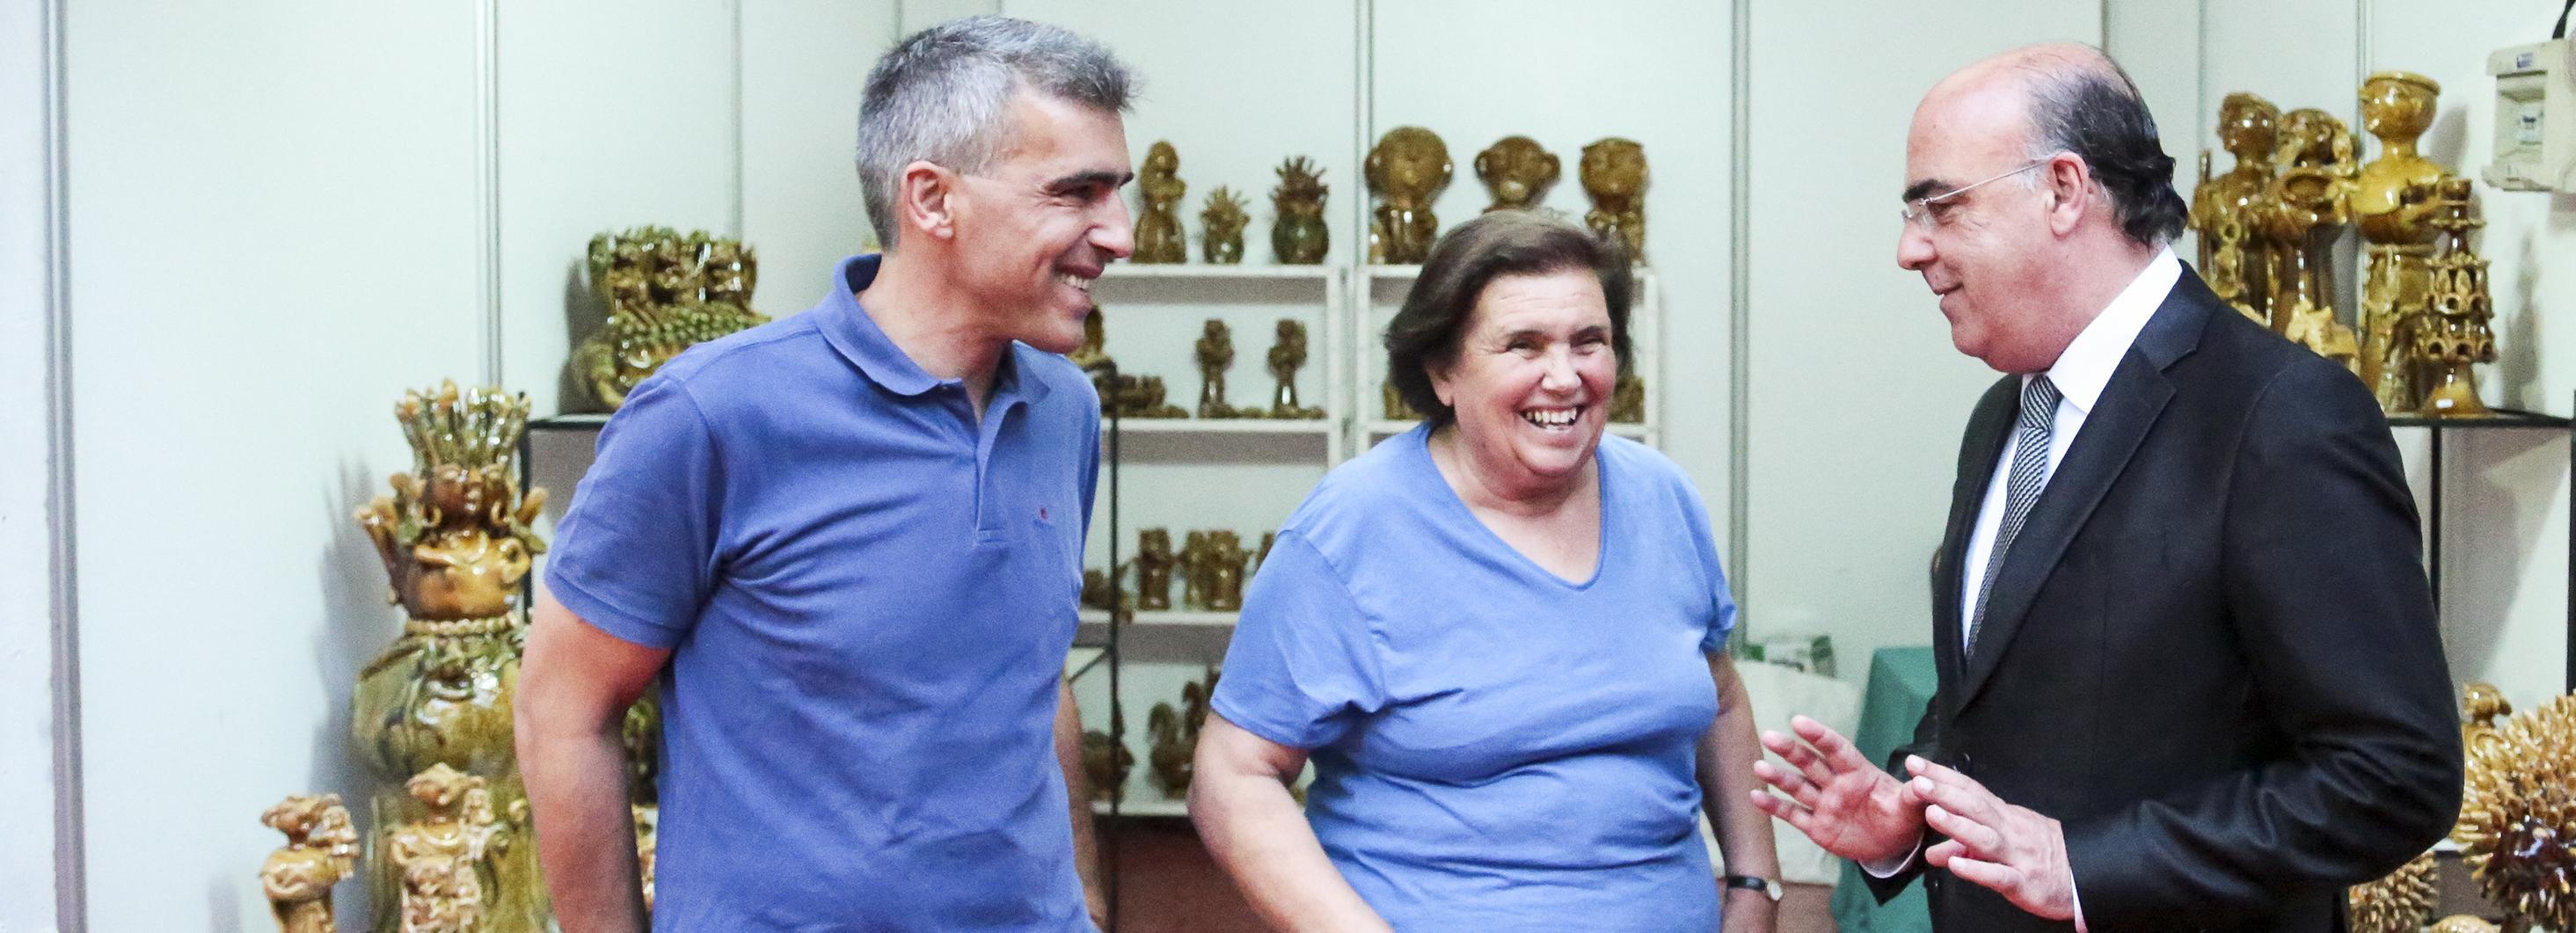 Município de Barcelos e Júlia Ramalho entre os vencedores de 2017 do 'Prémio Nacional do Artesanato'